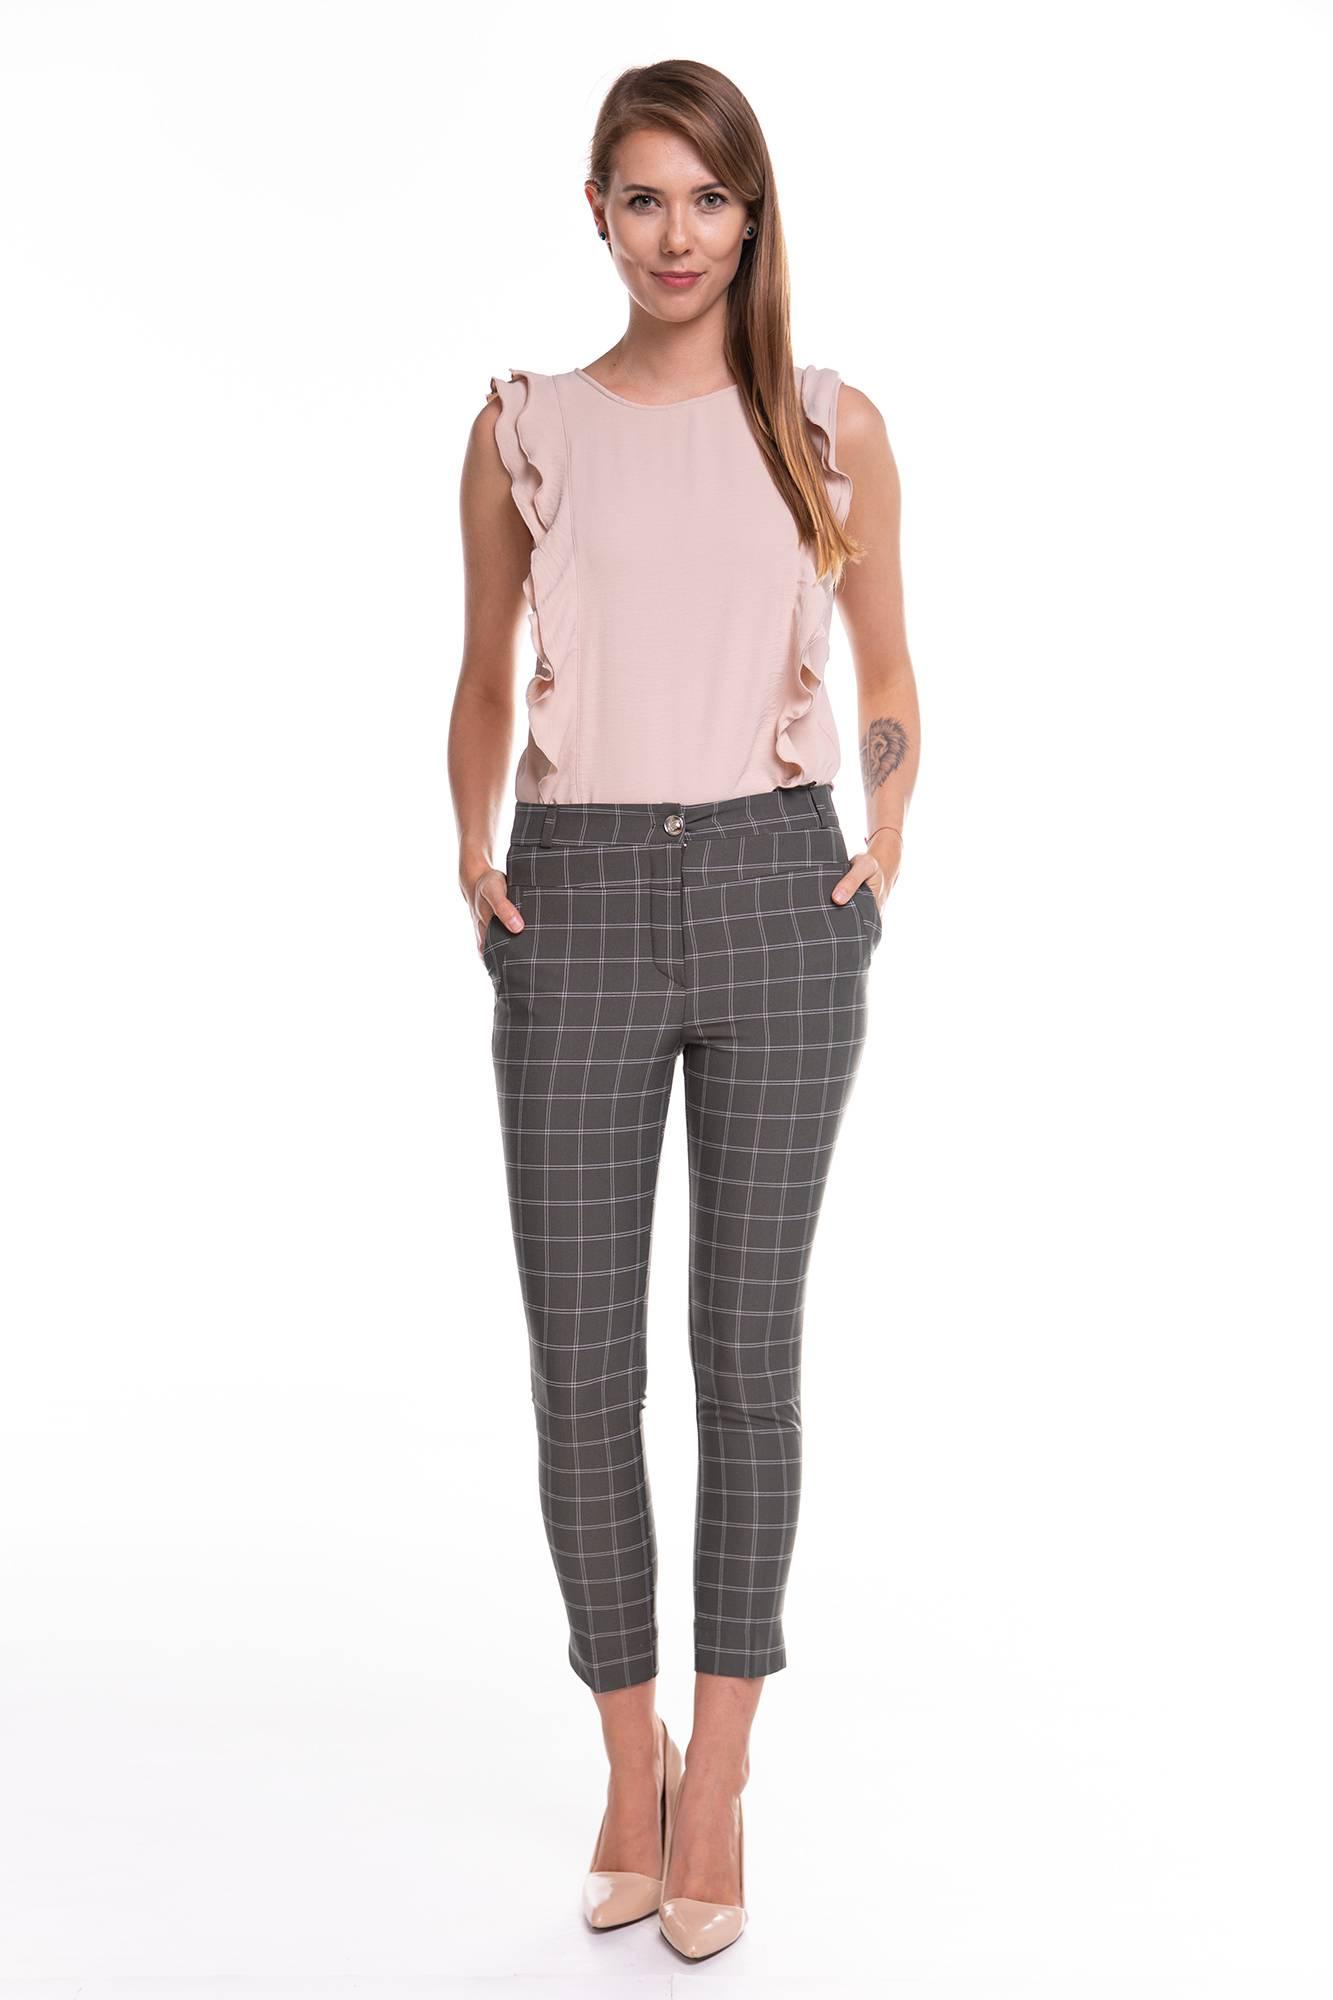 Spodnie Werona Green w kratke